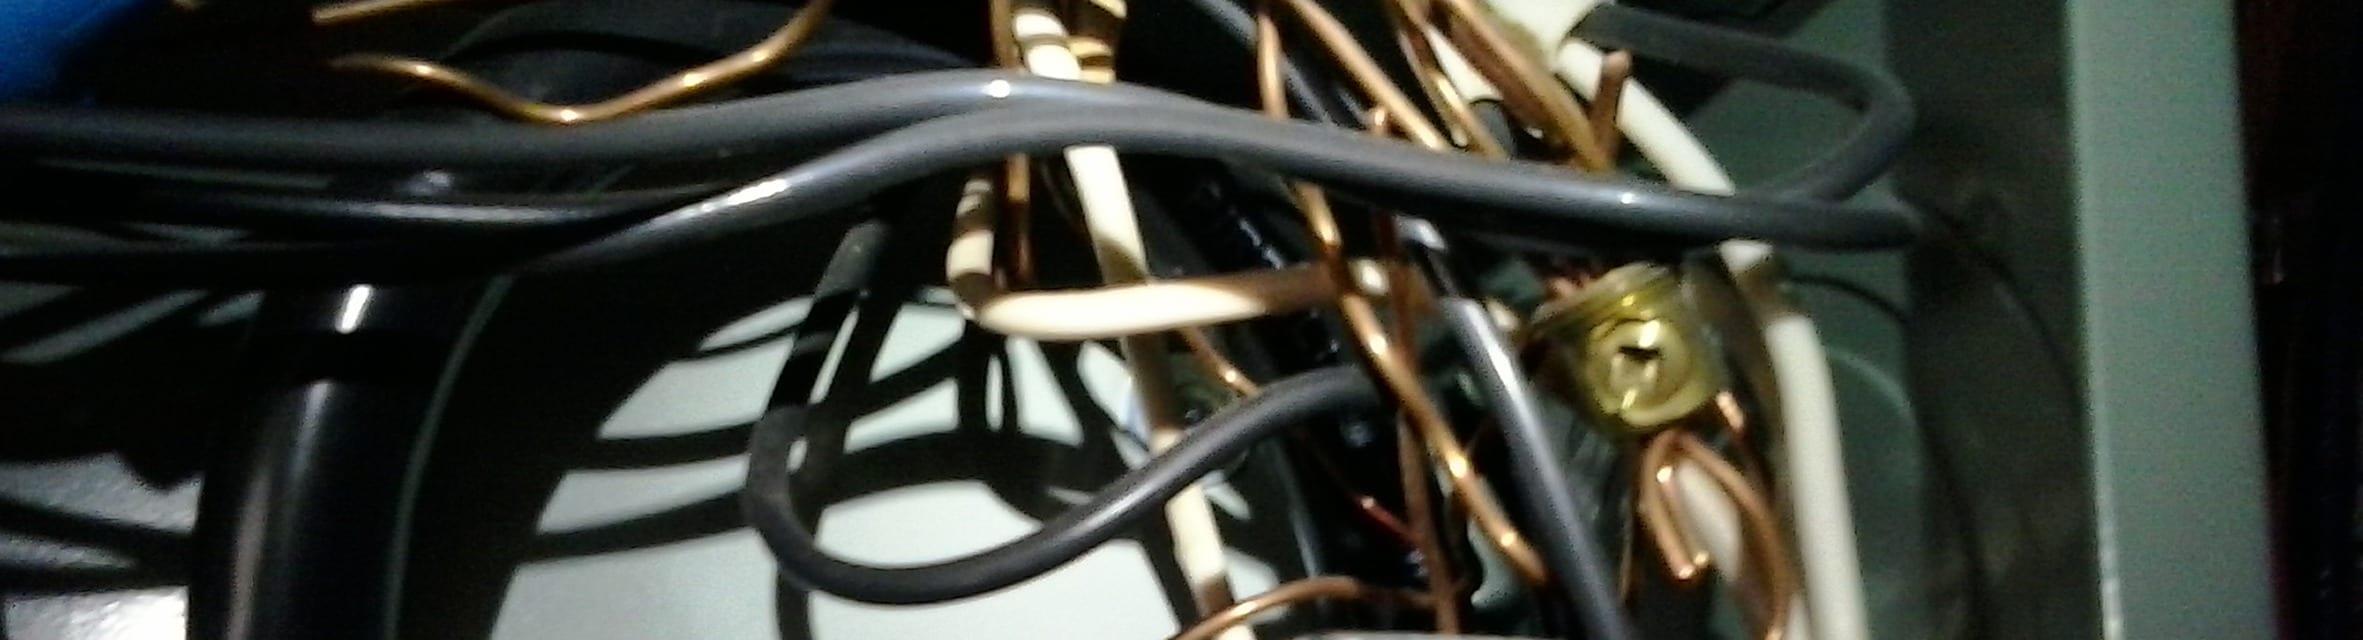 Ingress Protection Ip Code Testing For Enclosures Enclosure Wiring Methods